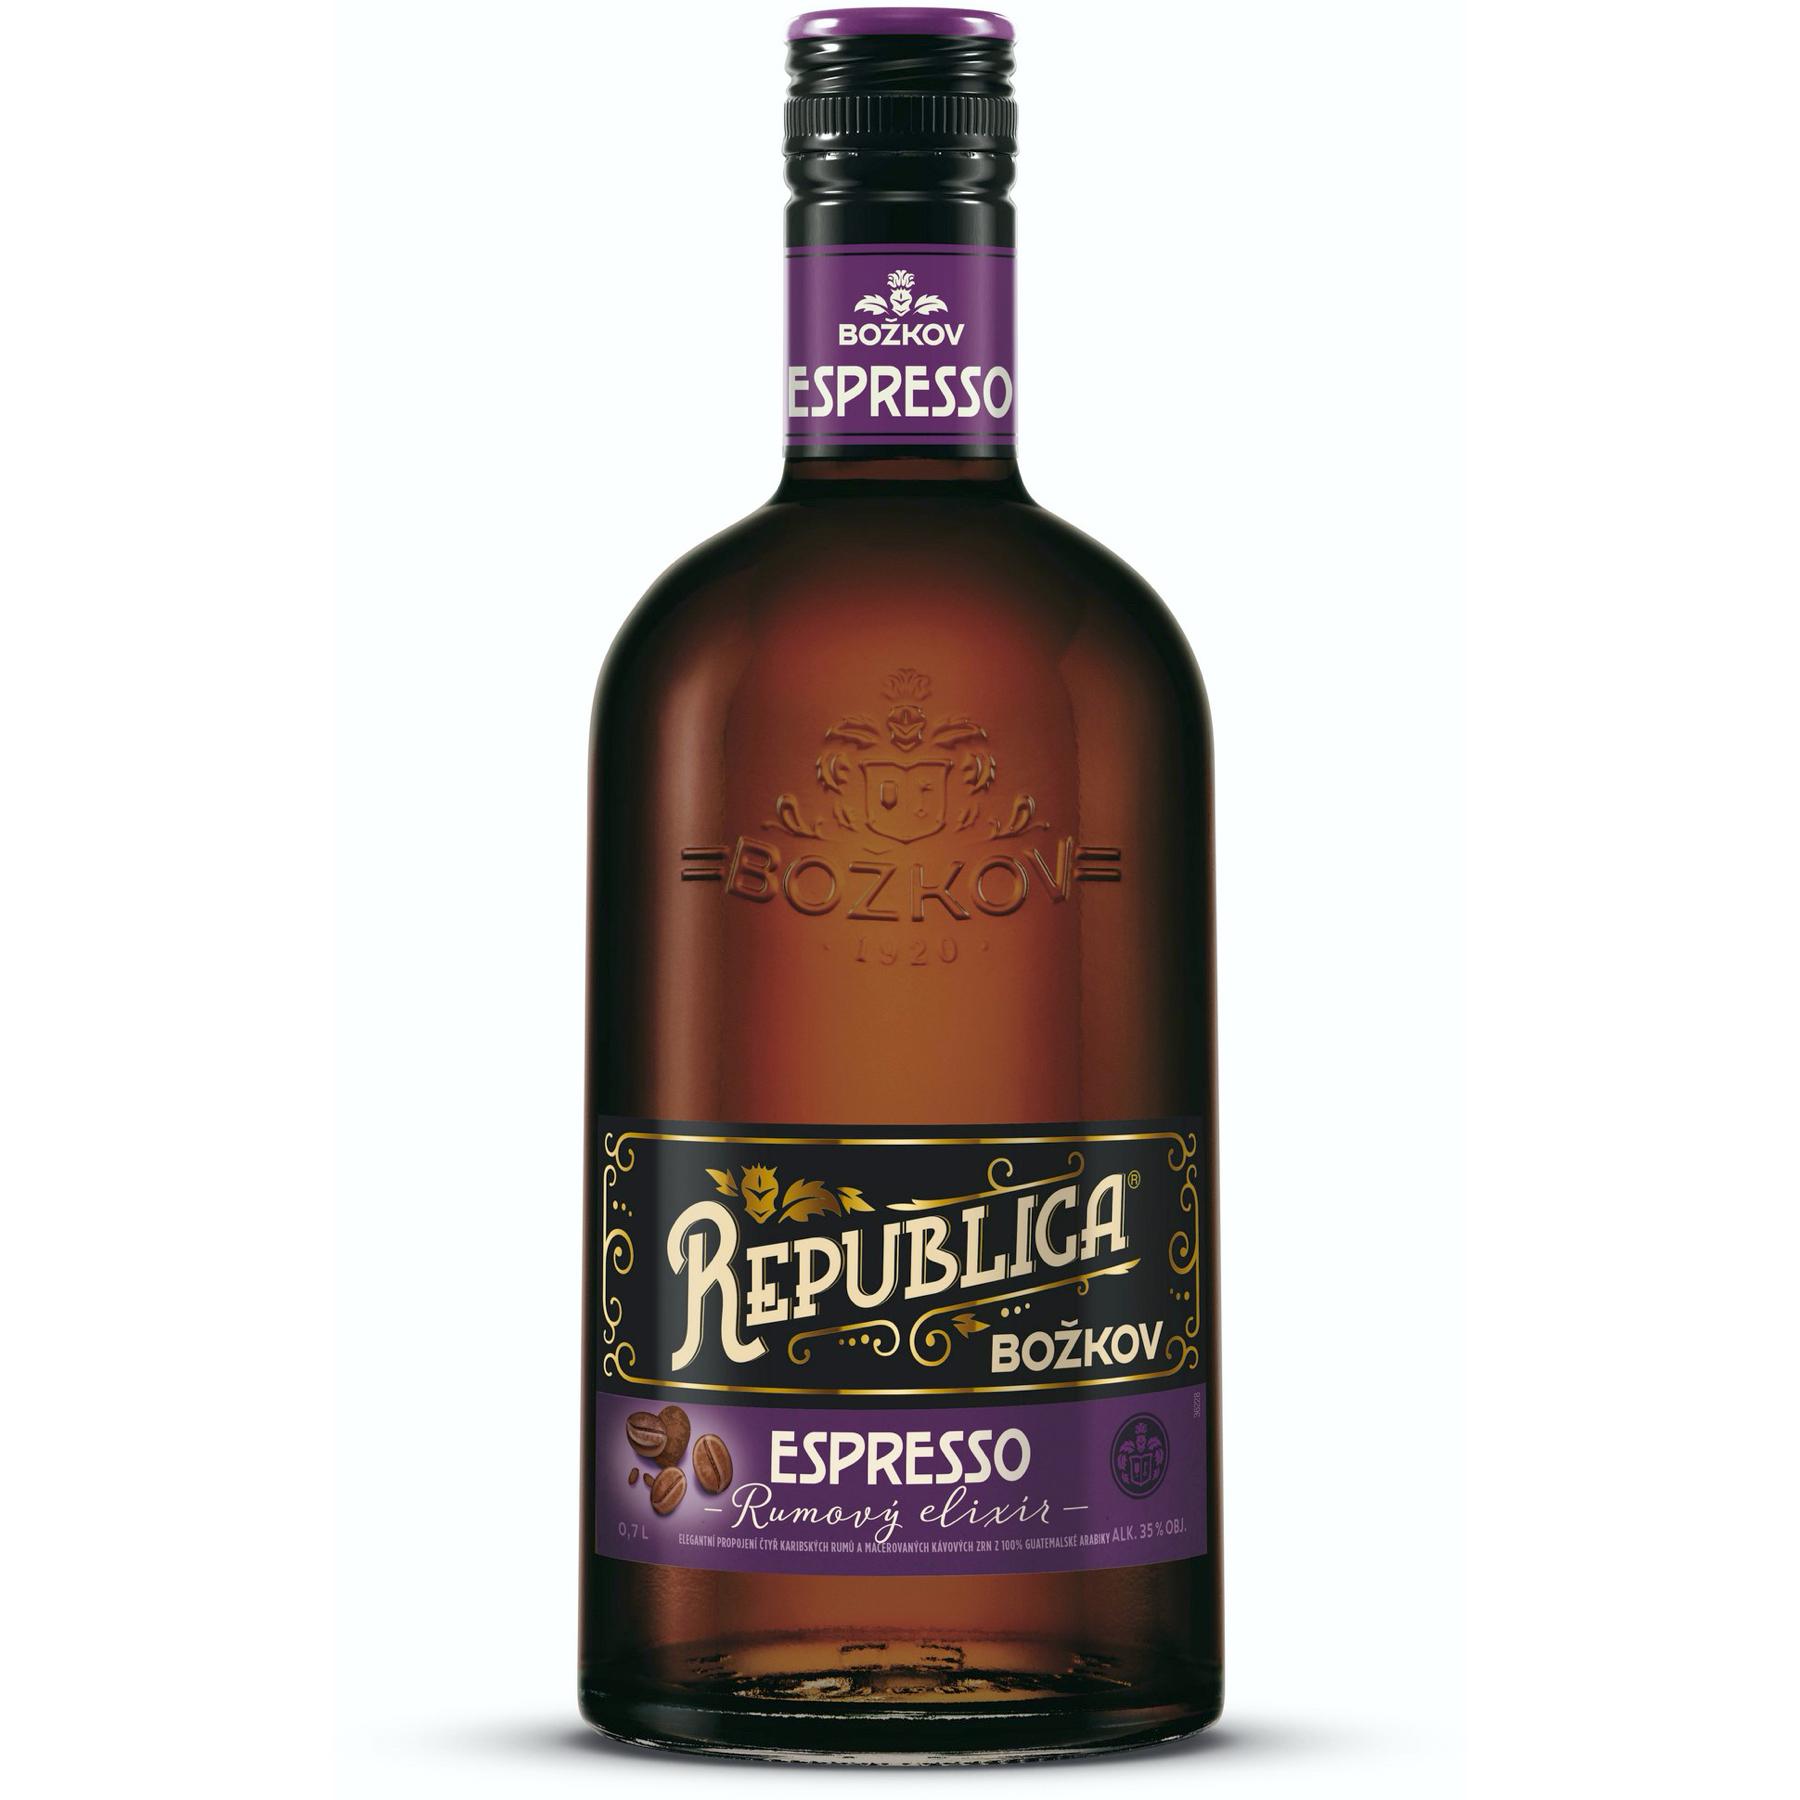 Božkov Republica Espresso